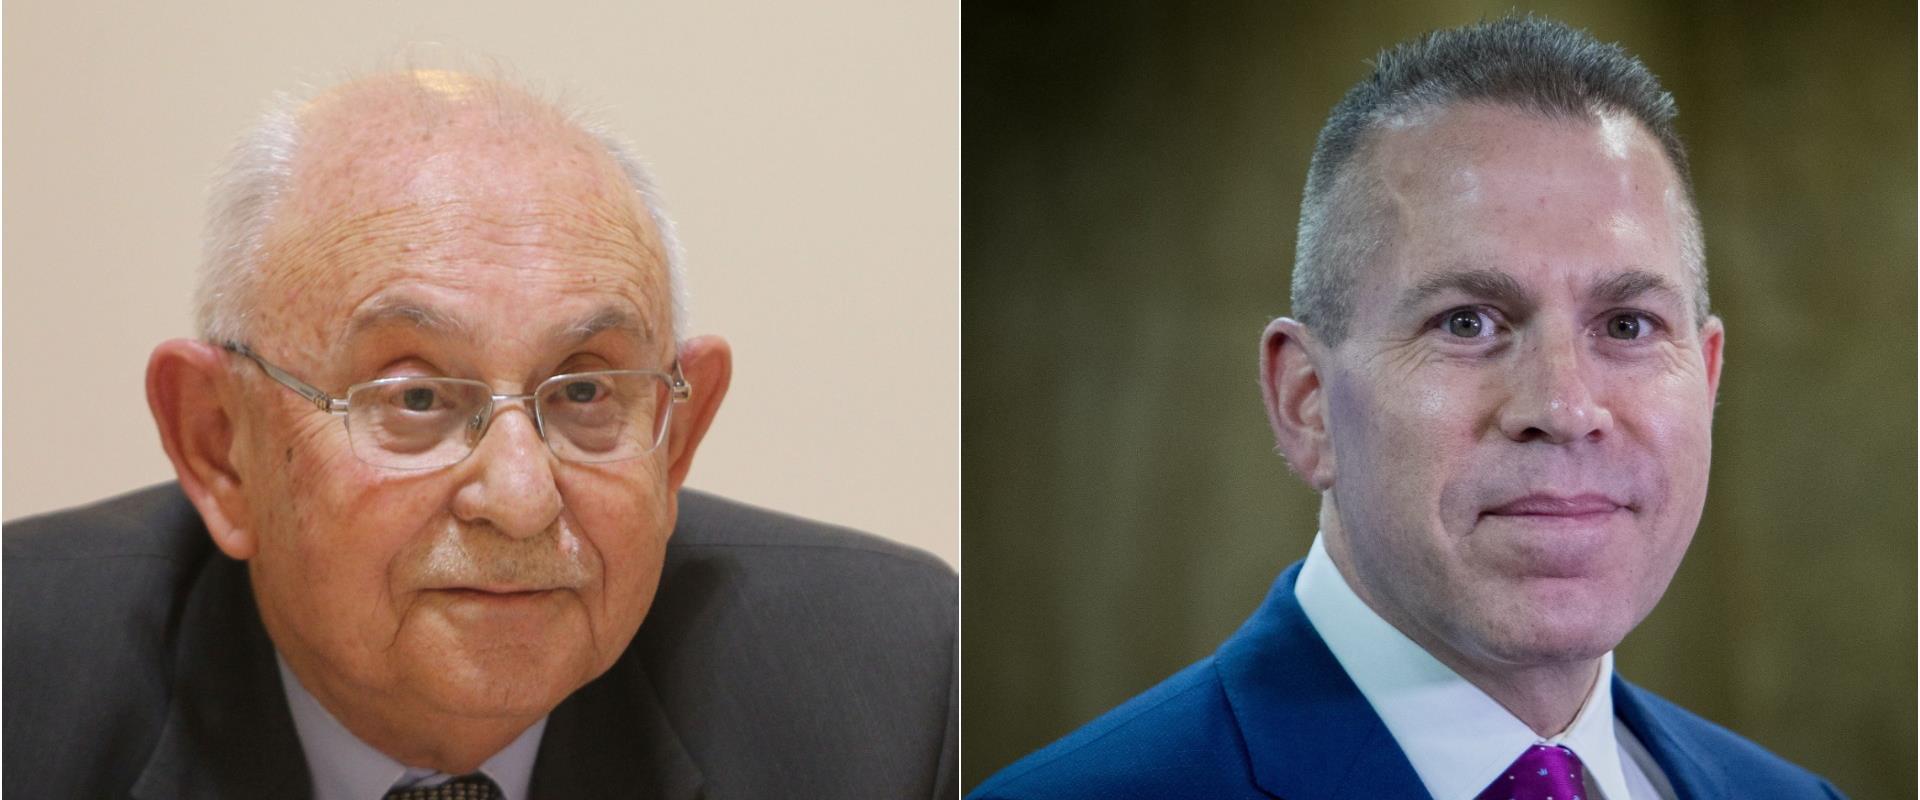 השופט גולדברג והשר ארדן